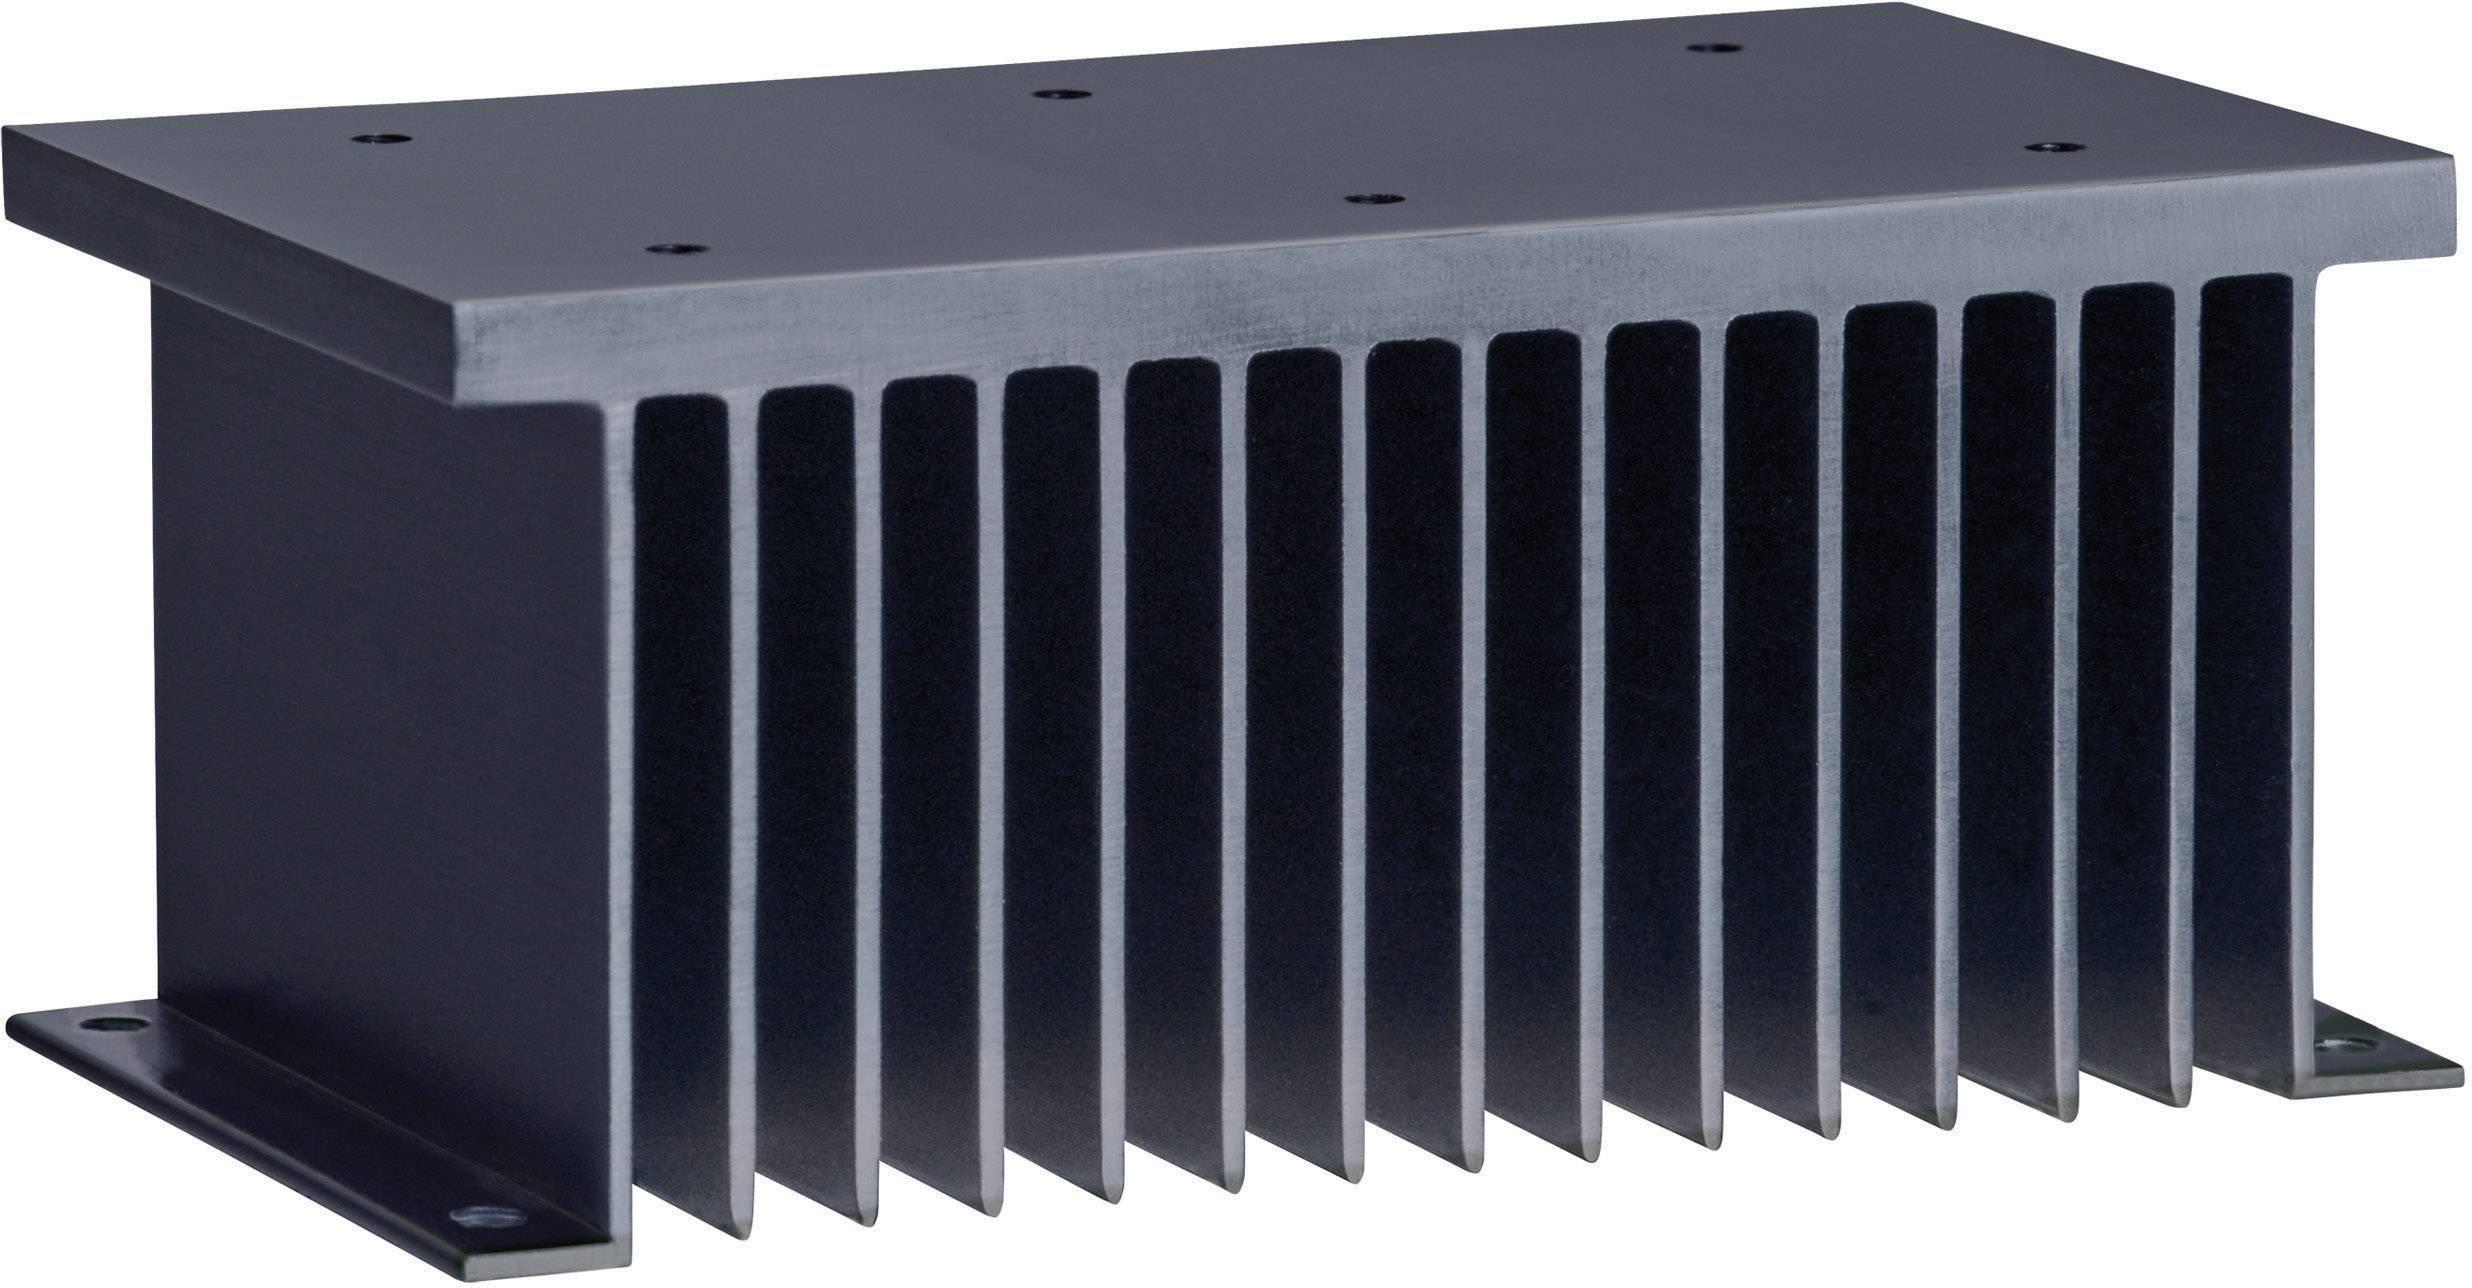 Chladič pro nadproudové relé Crydom HS103, 1 K/W